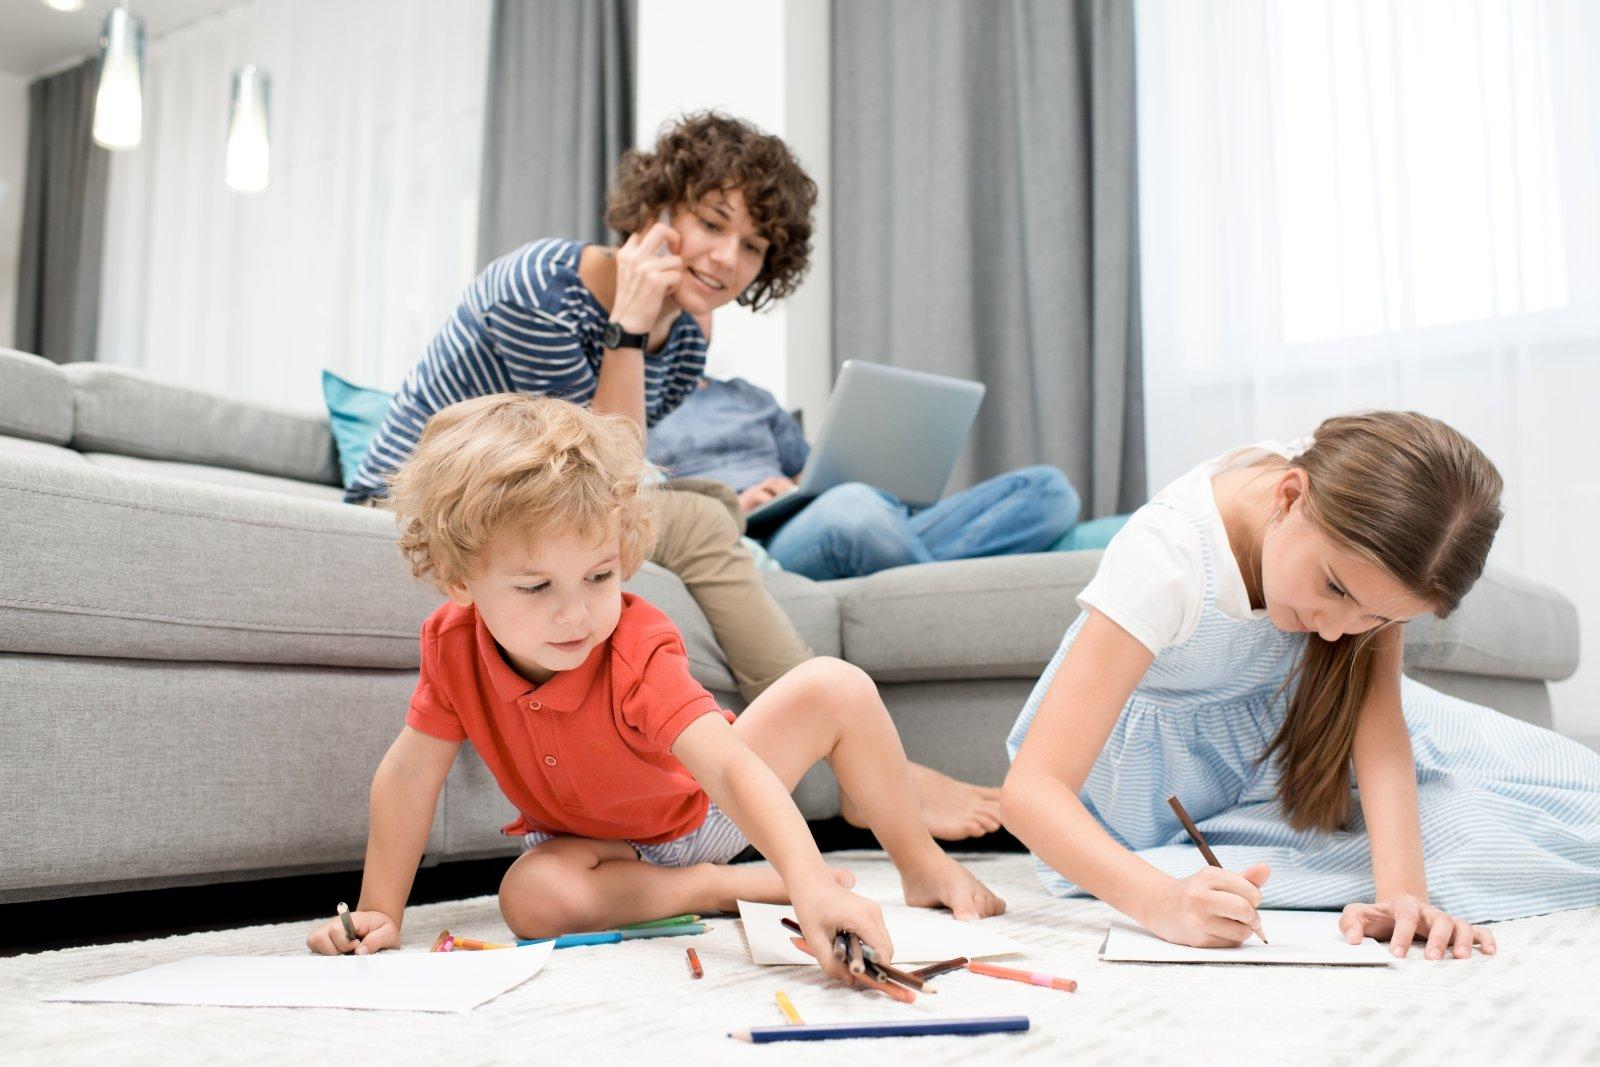 kas žino rimtą namų darbą akcijų pasirinkimo mėnesio pajamos